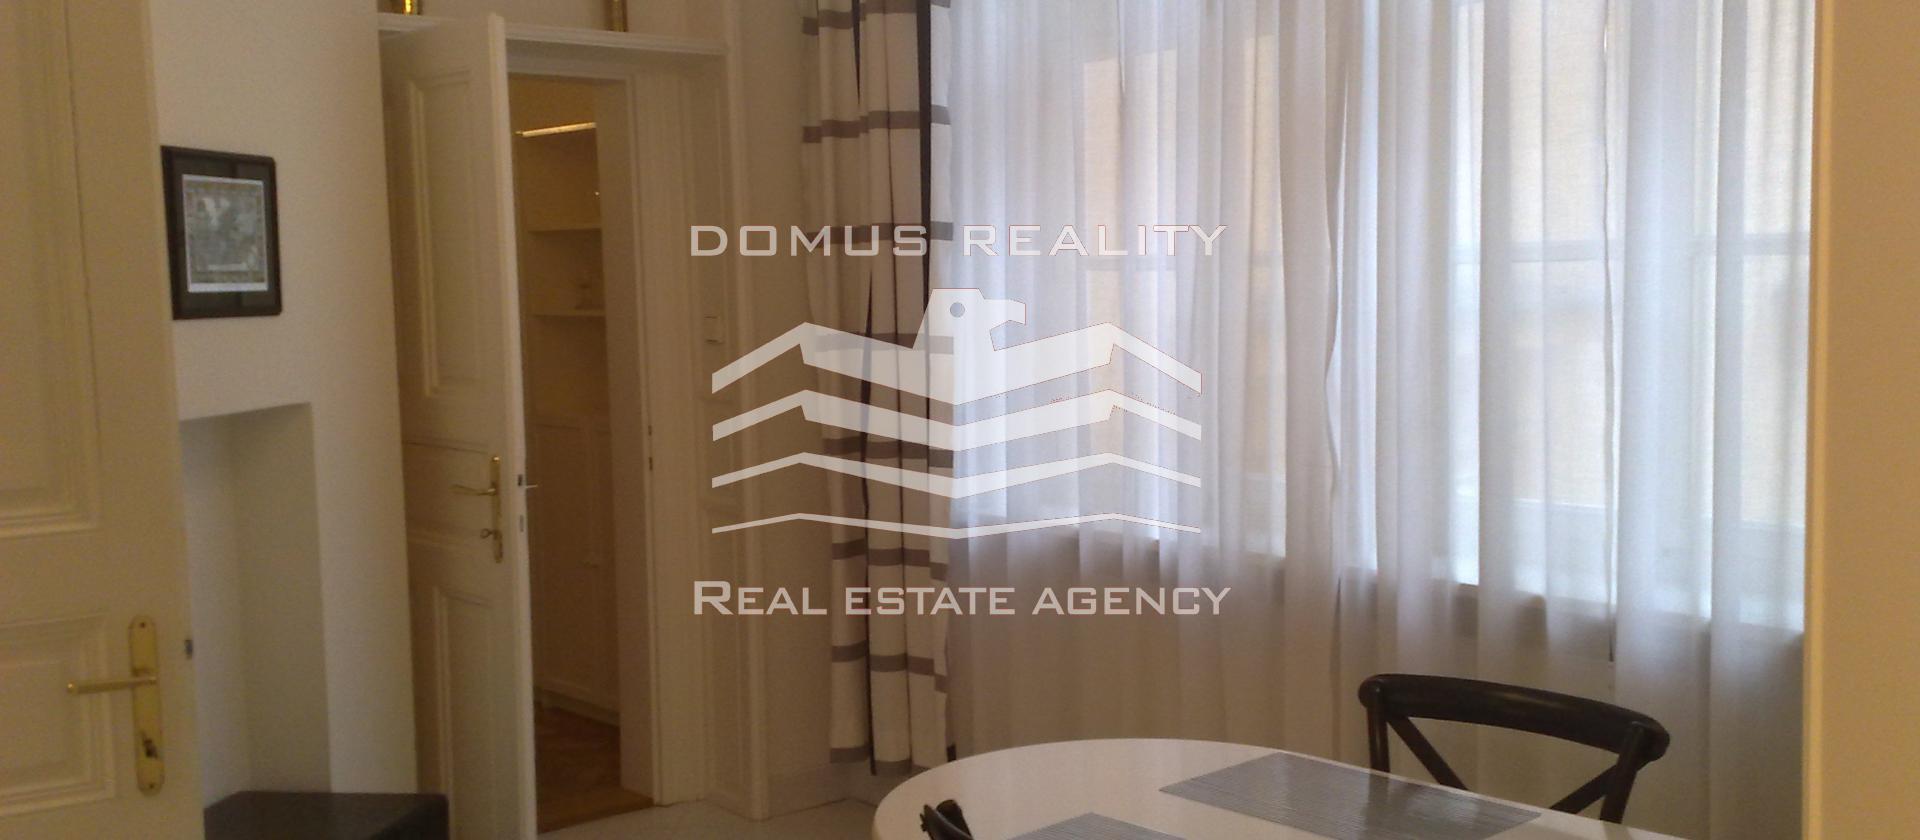 Velmi krásný a světlý byt 3+1 o rozloze 97 m2